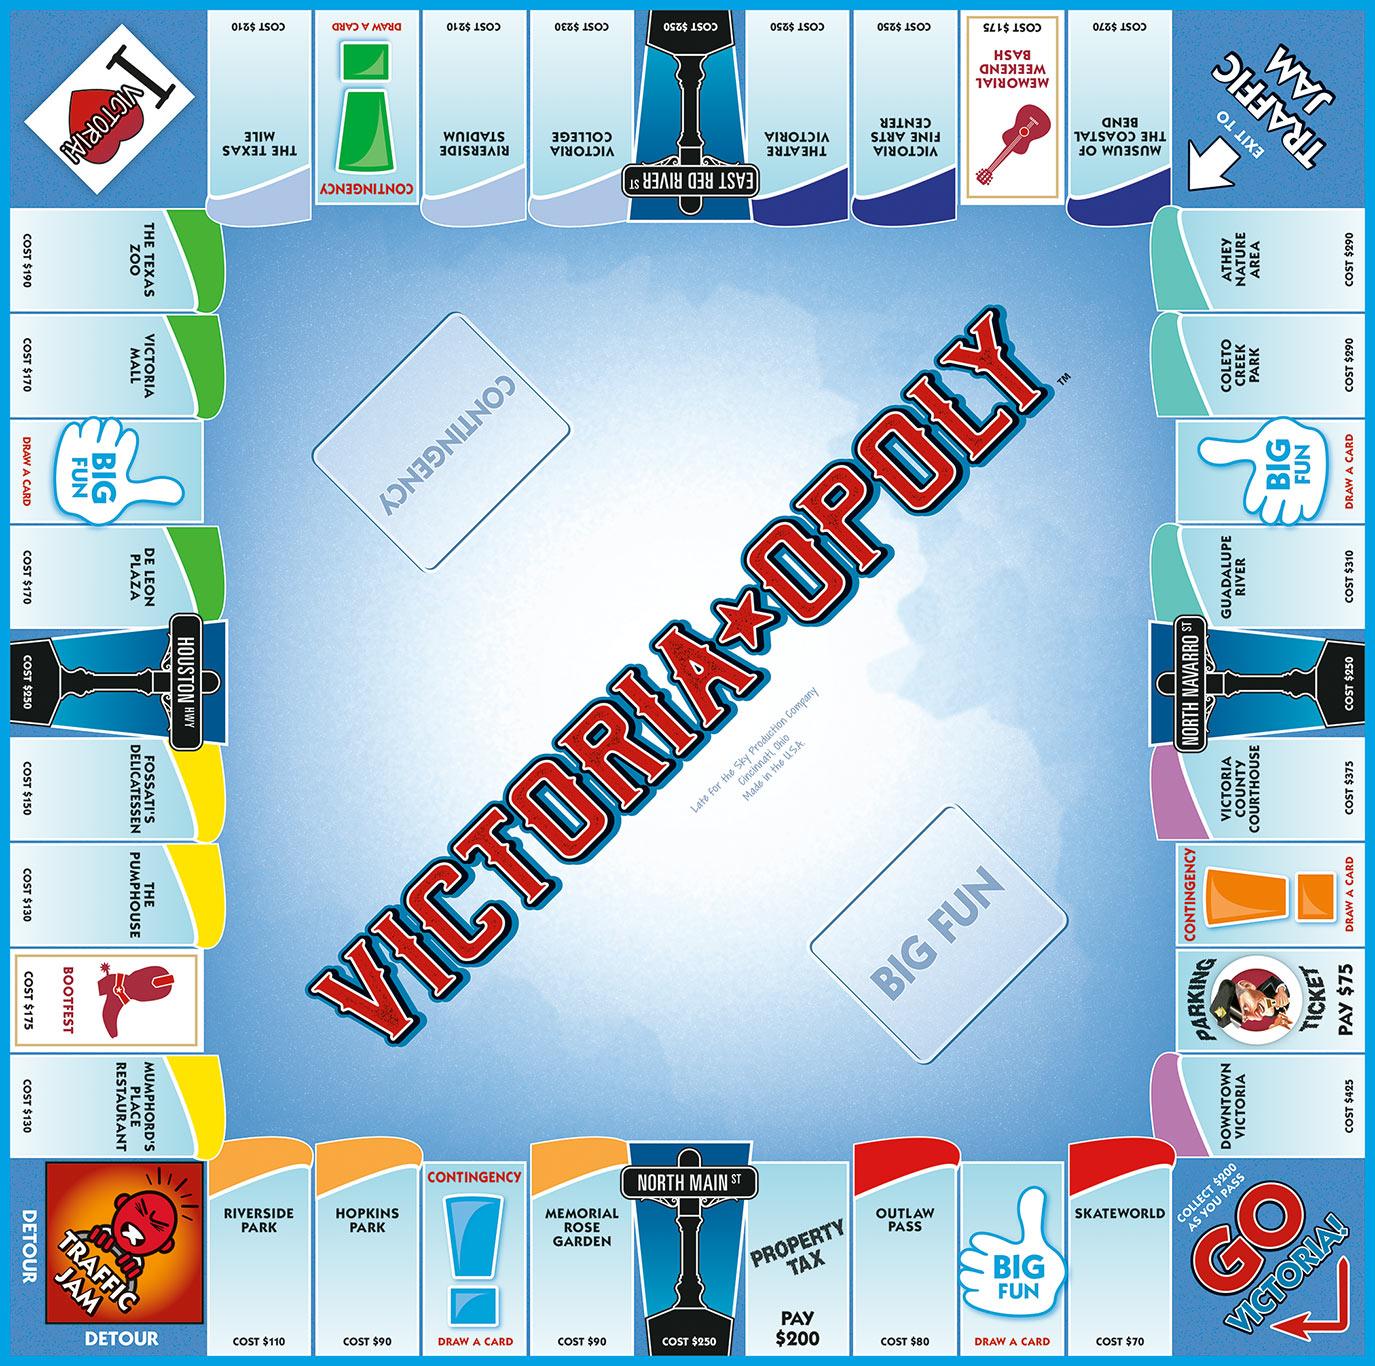 VICTORIA-OPOLY Board Game